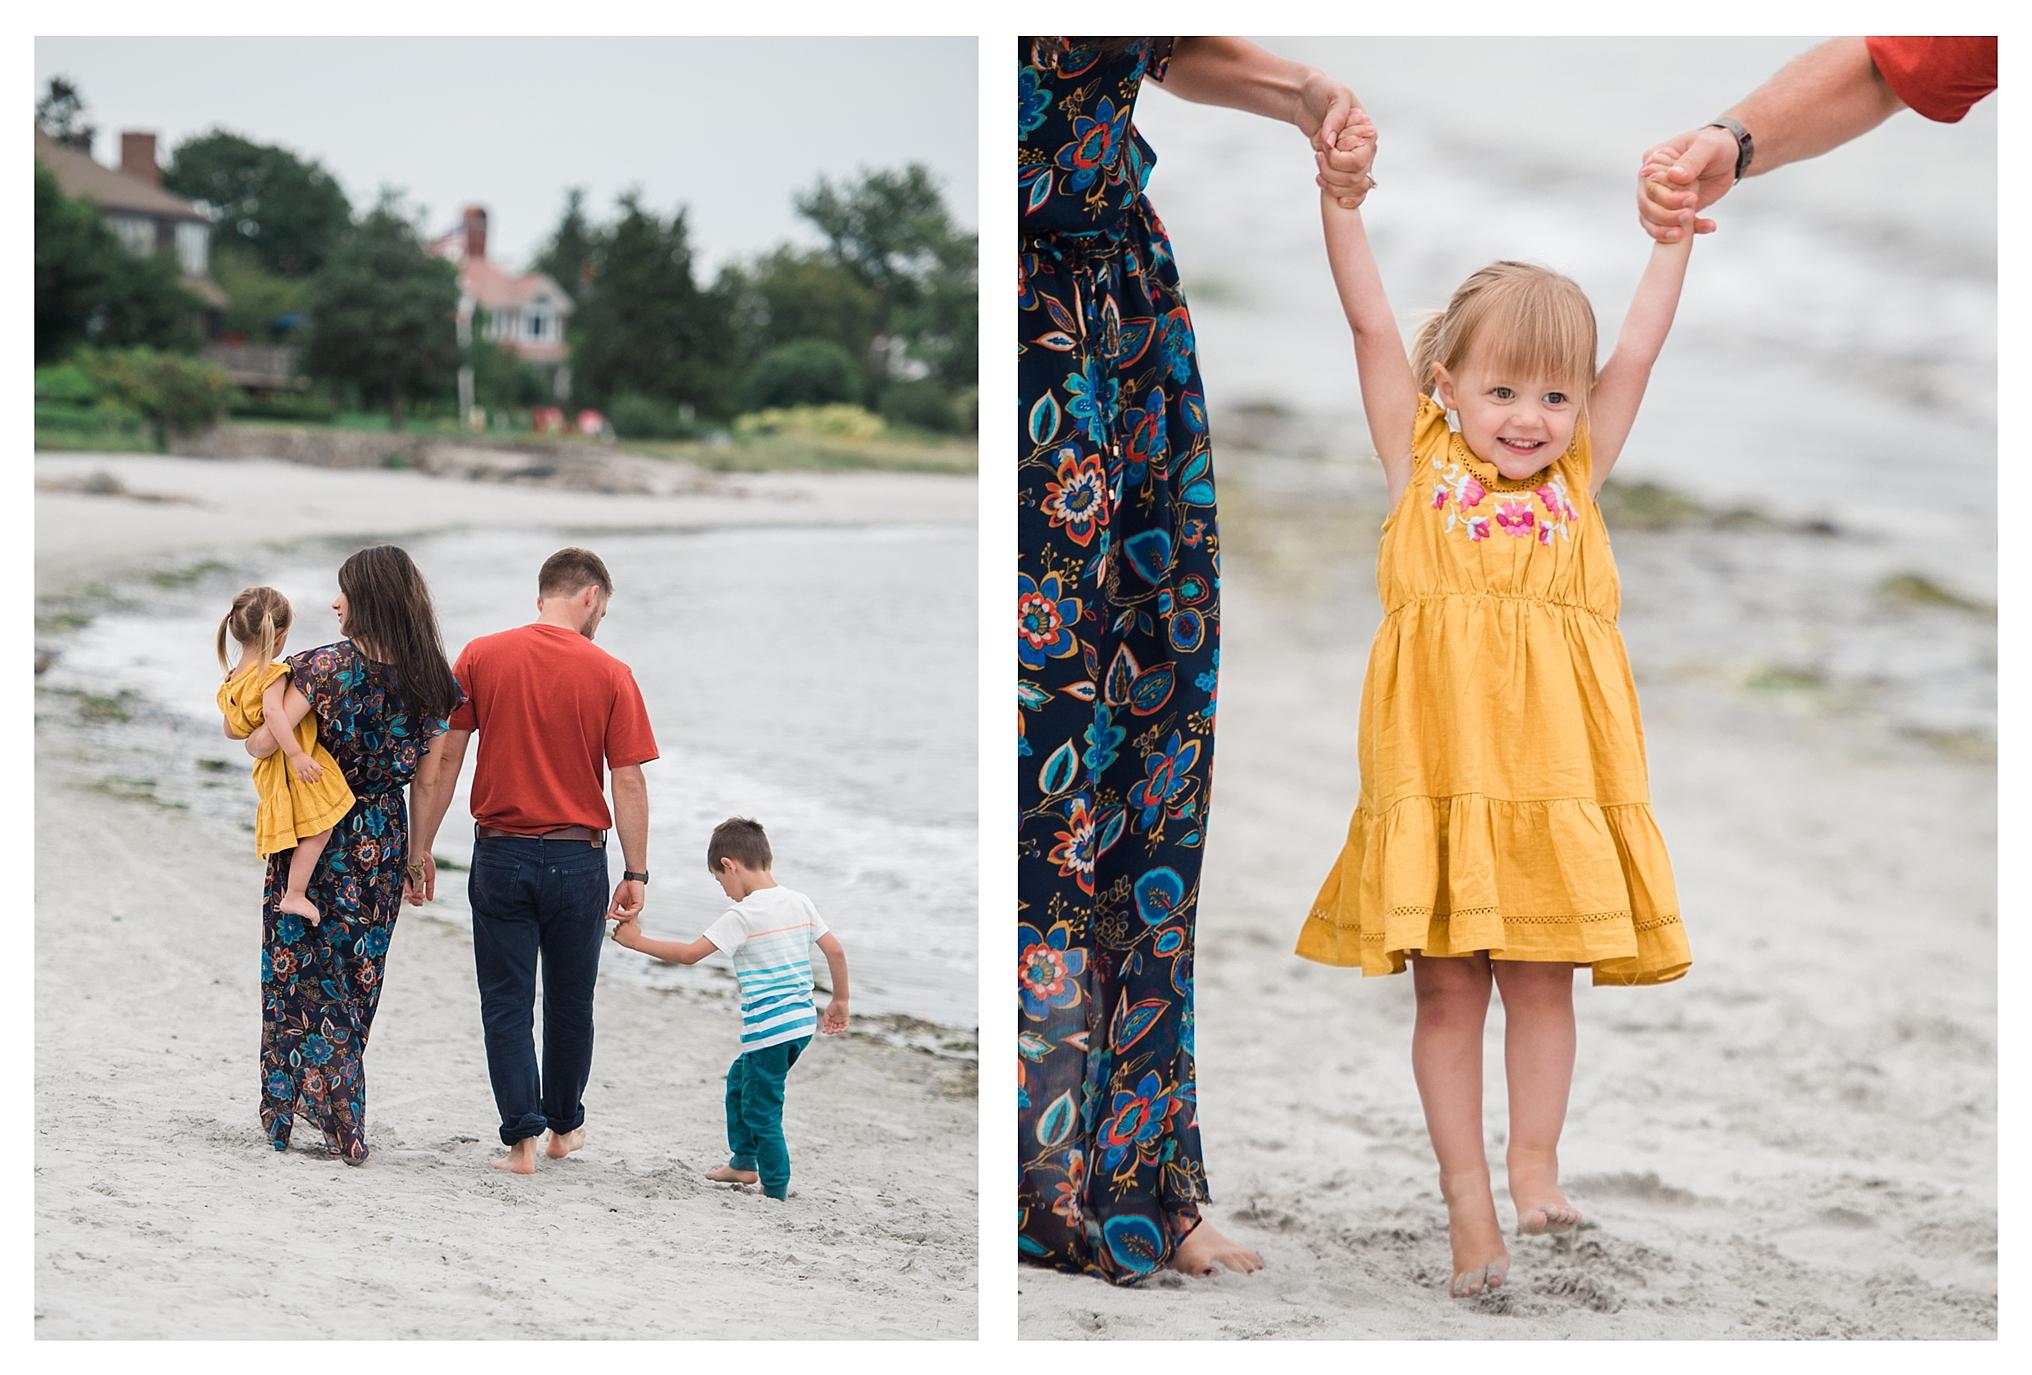 Family-Photographer-Sweet-Light-Portraits56.jpg